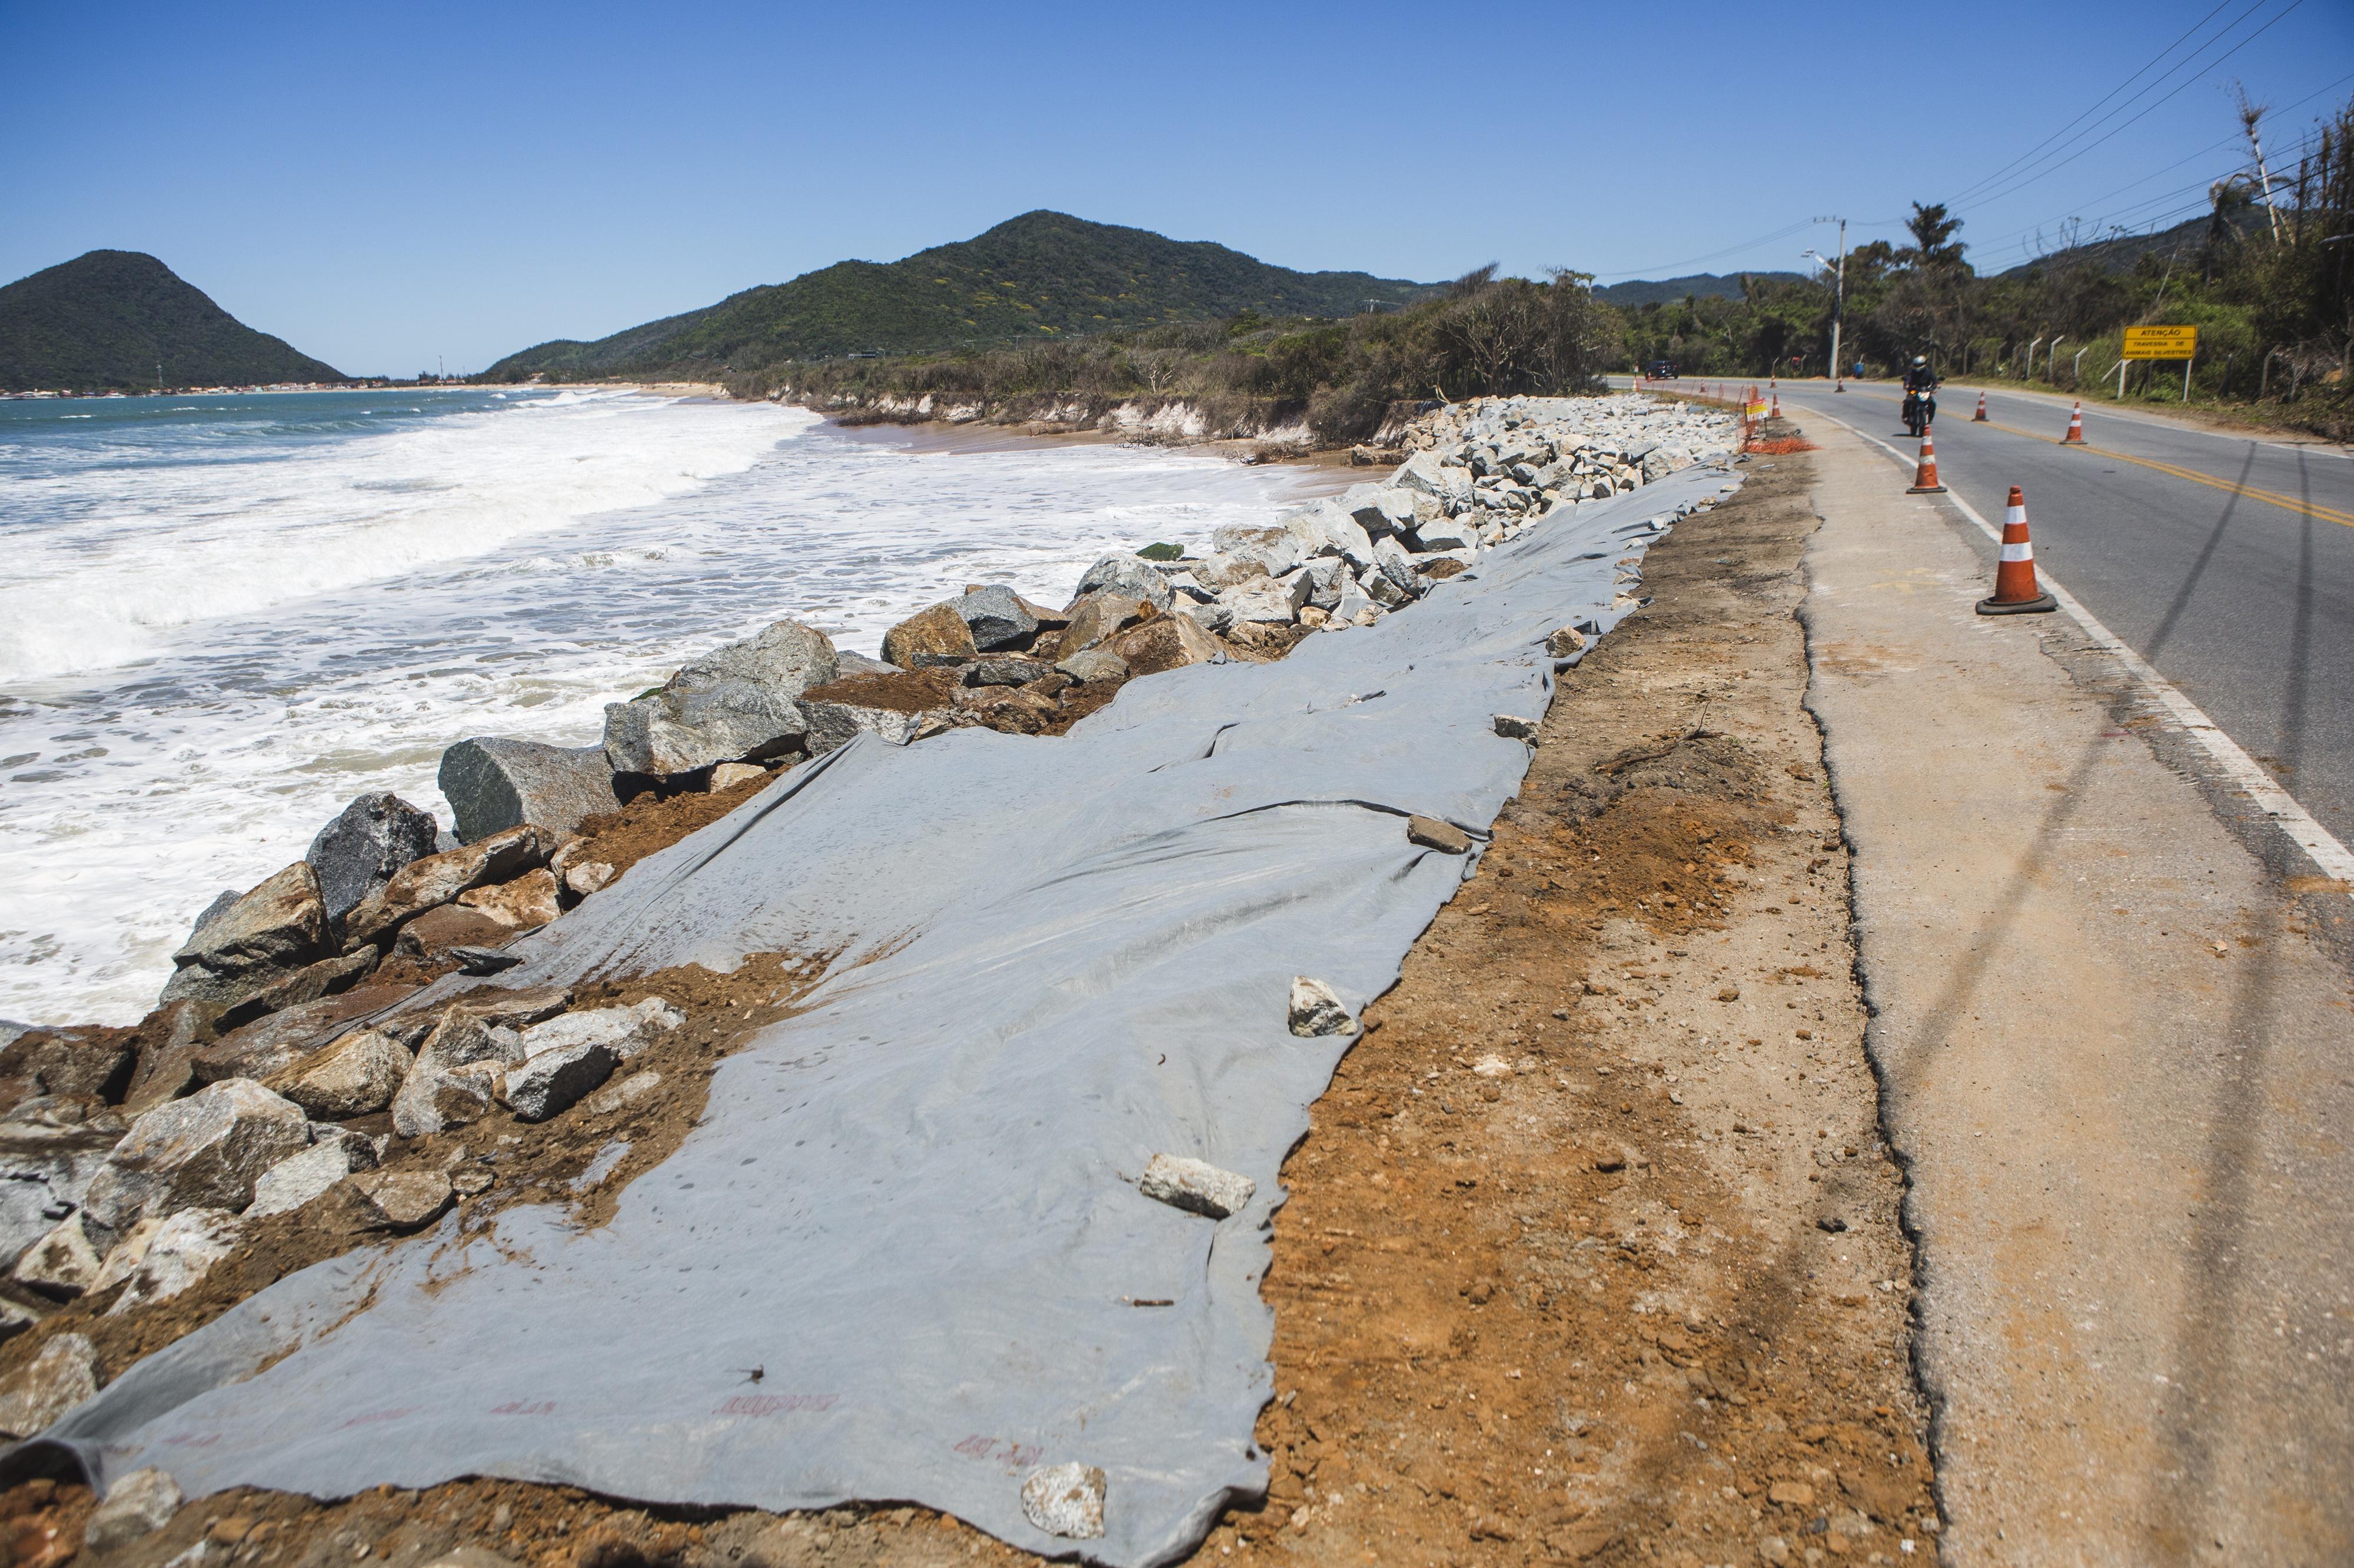 Com a construção do enrocamento, o mar avança sobre a restinga - Daniel Queiroz/ND